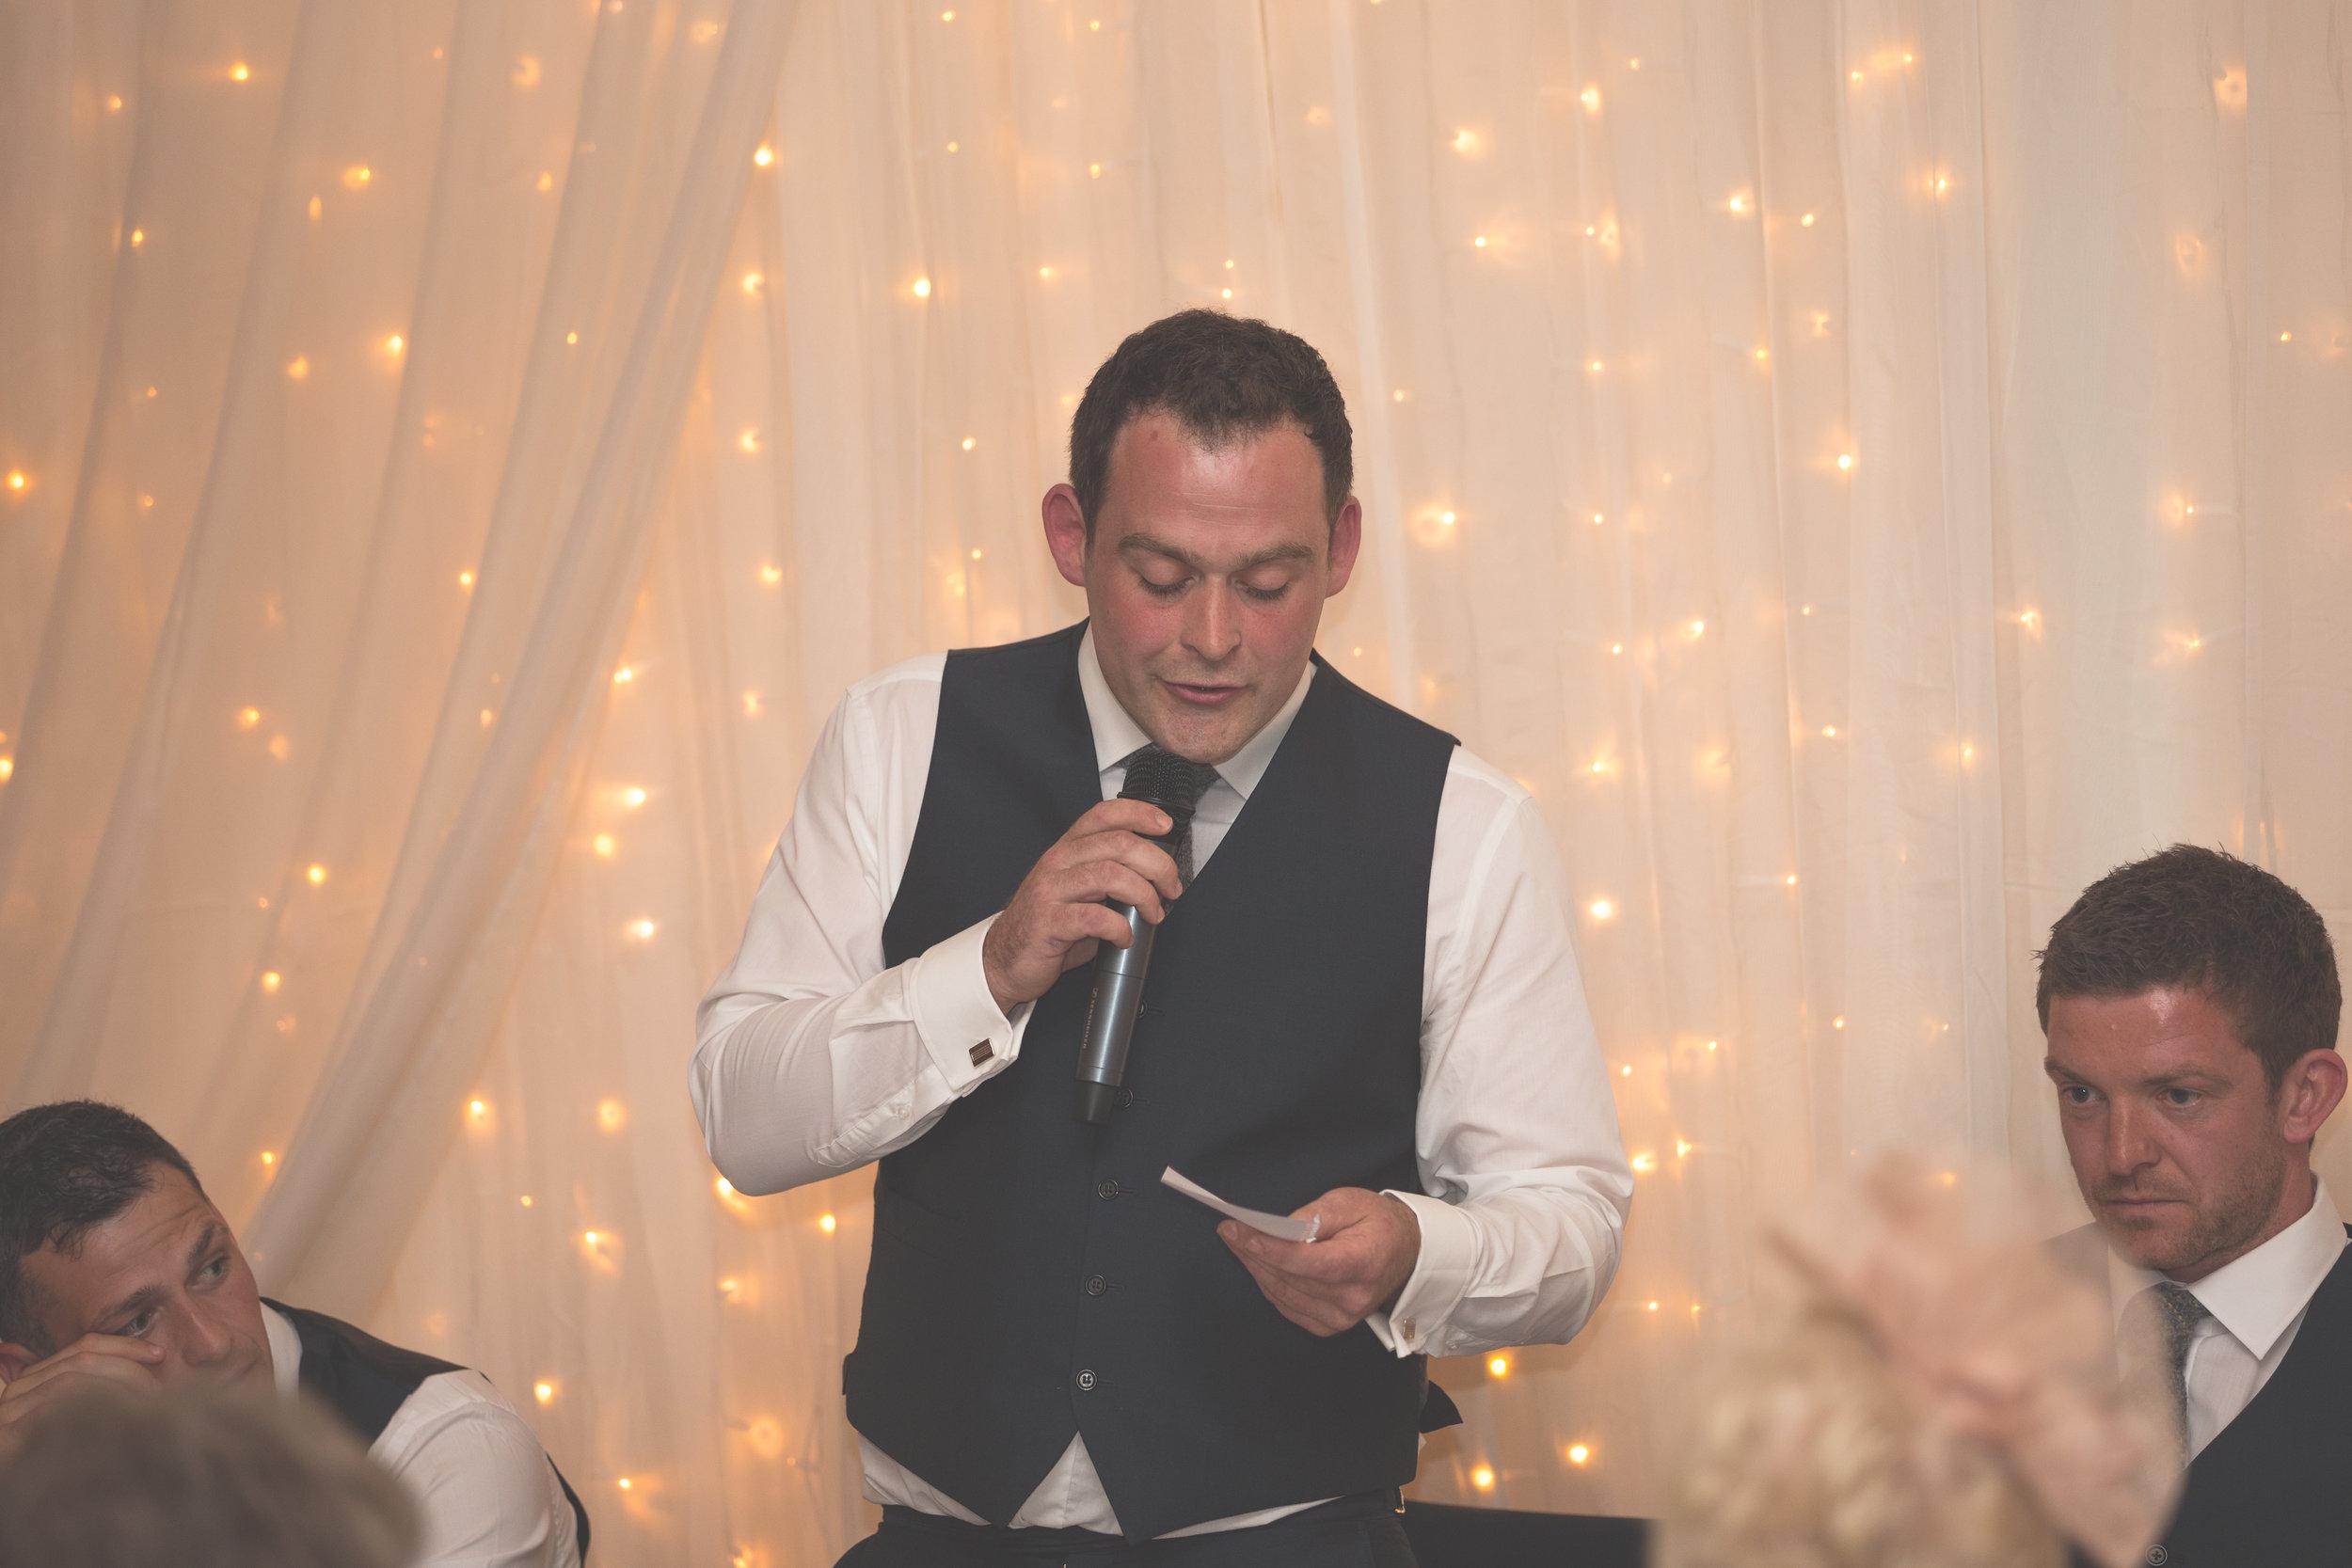 Brian McEwan Wedding Photography | Carol-Anne & Sean | The Speeches-95.jpg